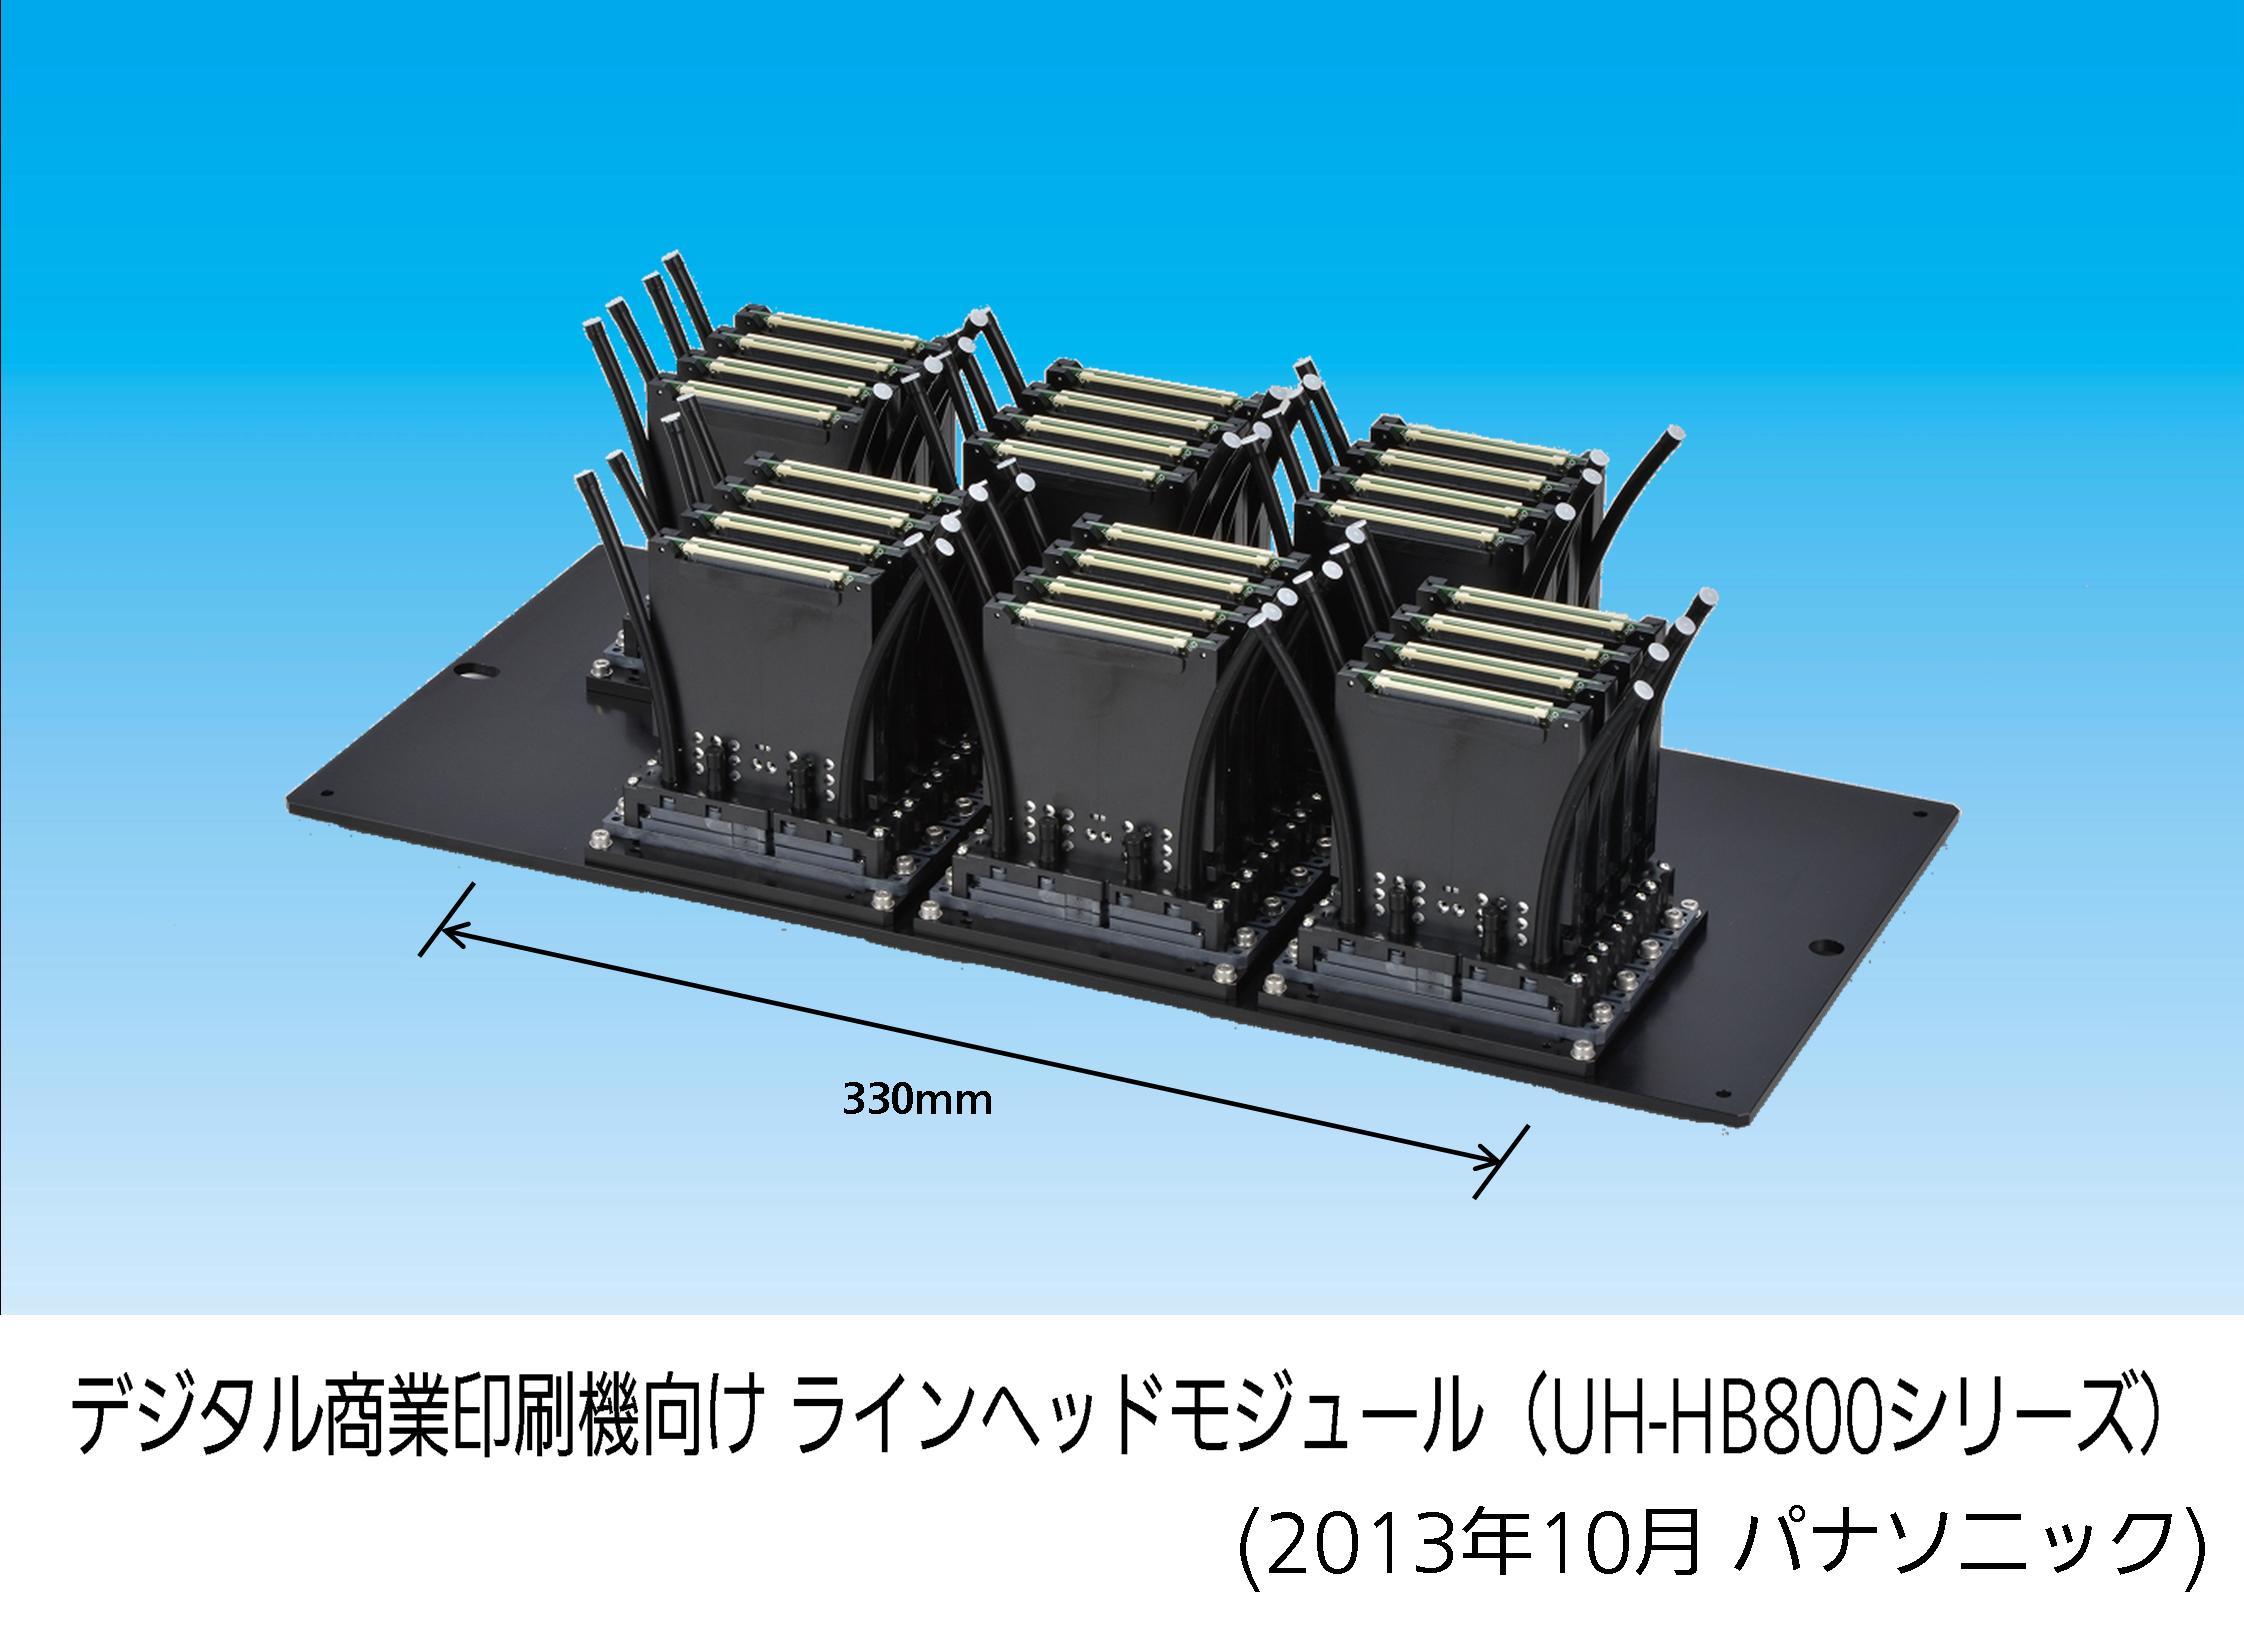 デジタル商業印刷機向け ラインヘッドモジュール